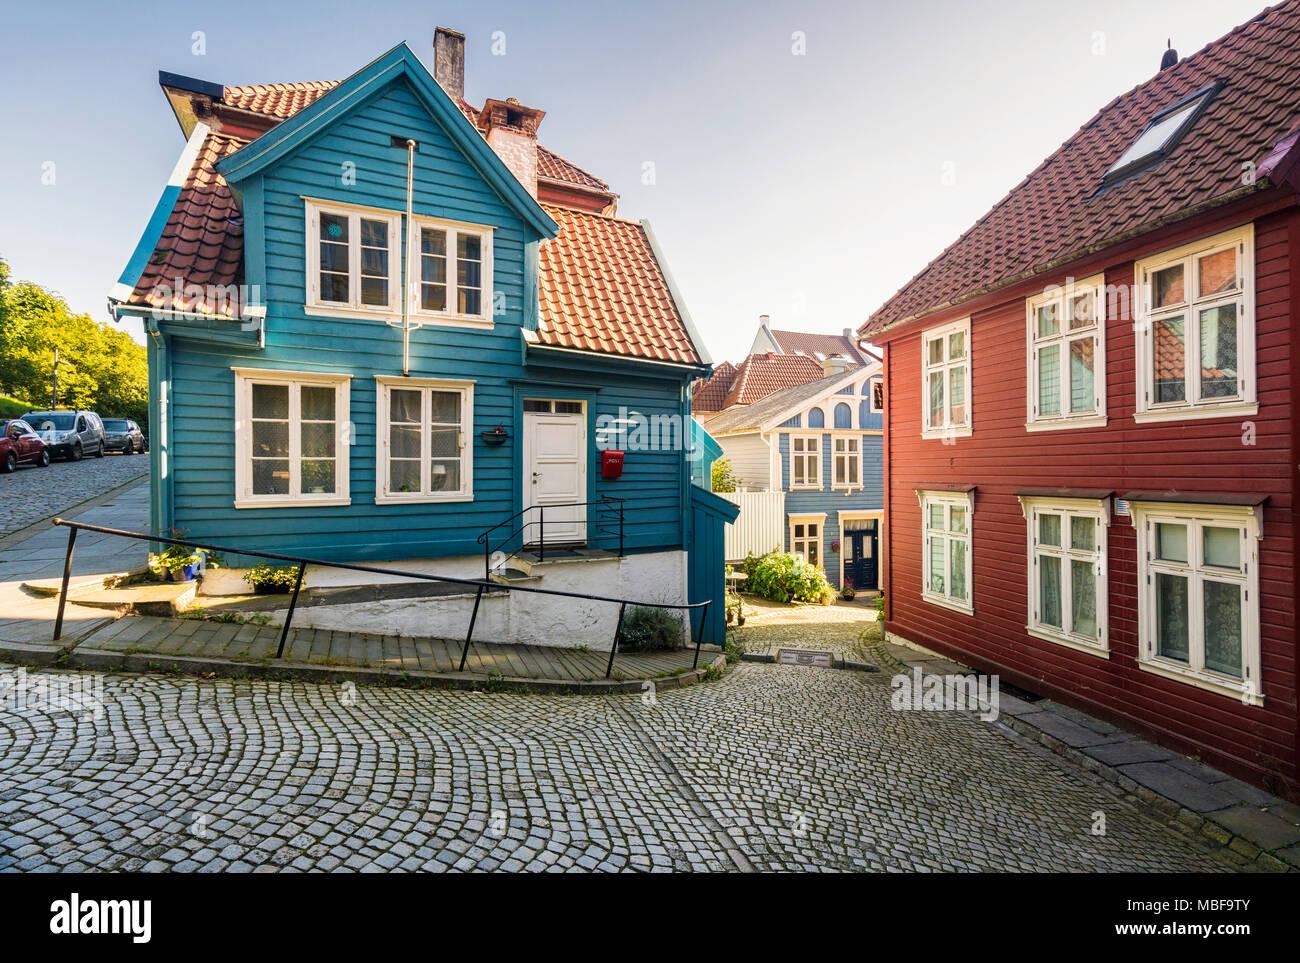 Bergen Norvège, la vieille ville avec des maisons en bois peint. Photo Stock